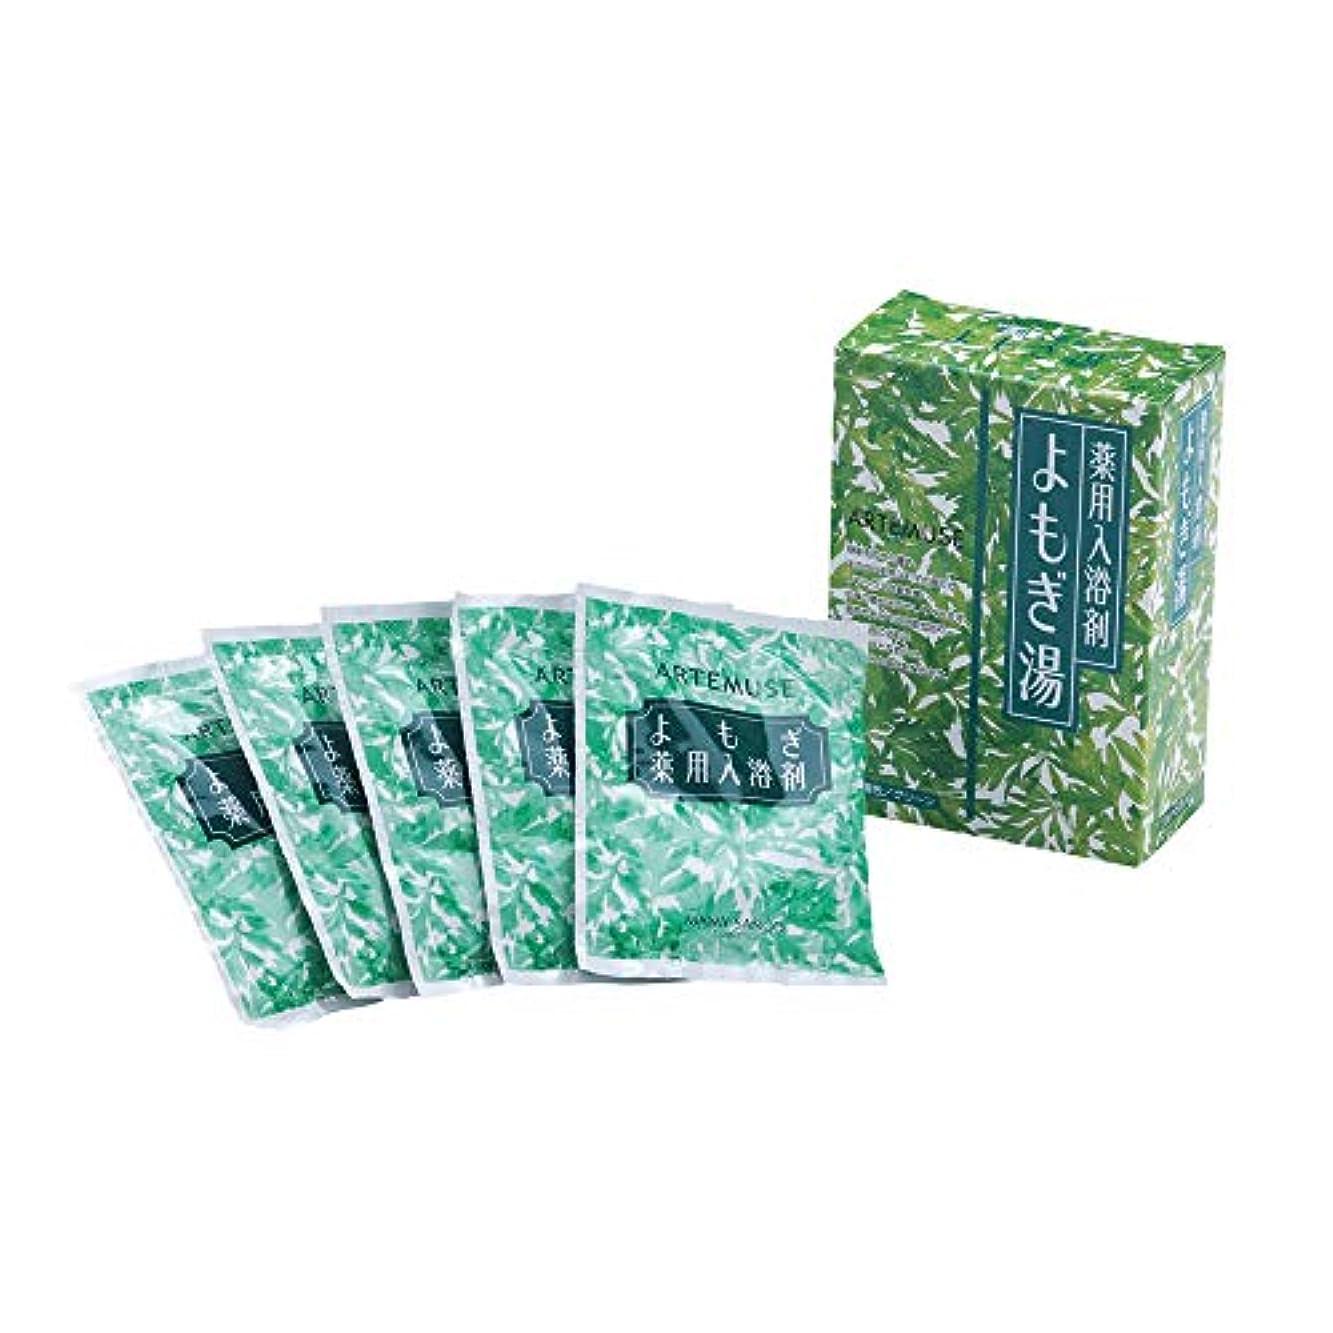 敵対的おんどりうれしいマミーサンゴ よもぎ入浴剤 薬用バスソルトA [分包タイプ] 30g×5包入 (1箱)